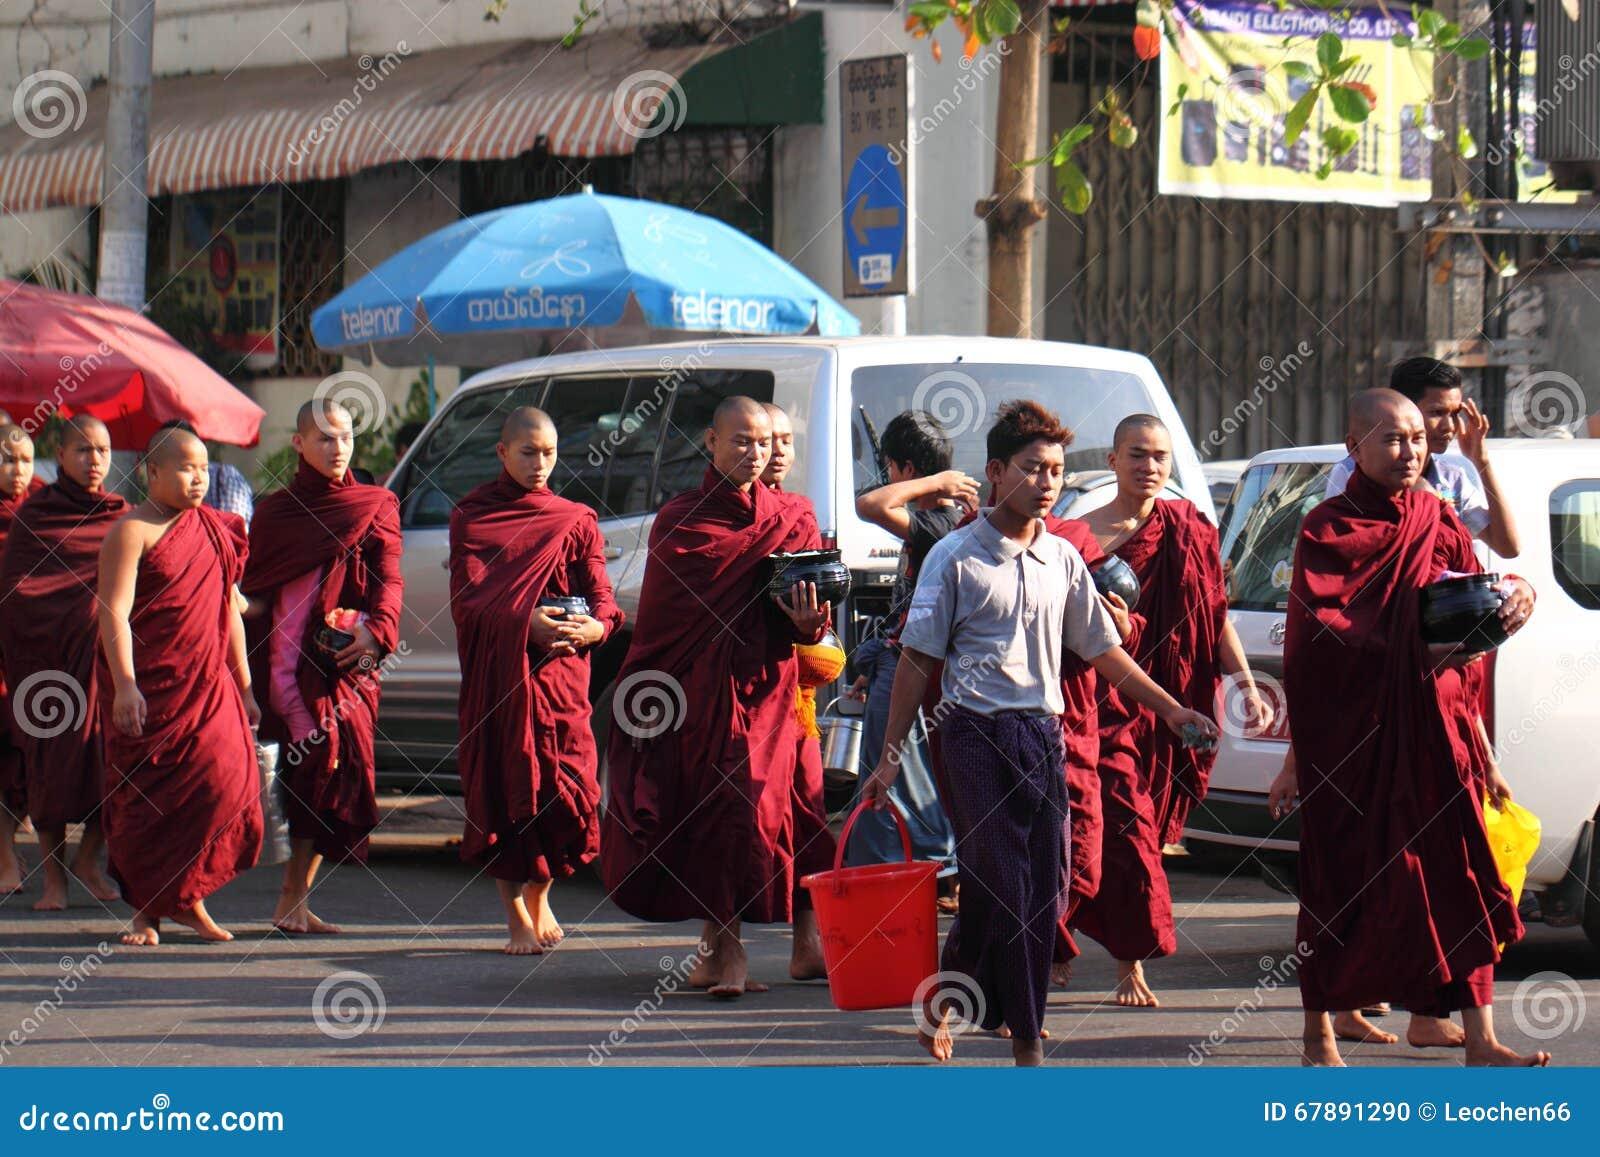 分布的食物传统救济仪式对和尚的在仰光,缅甸街道上